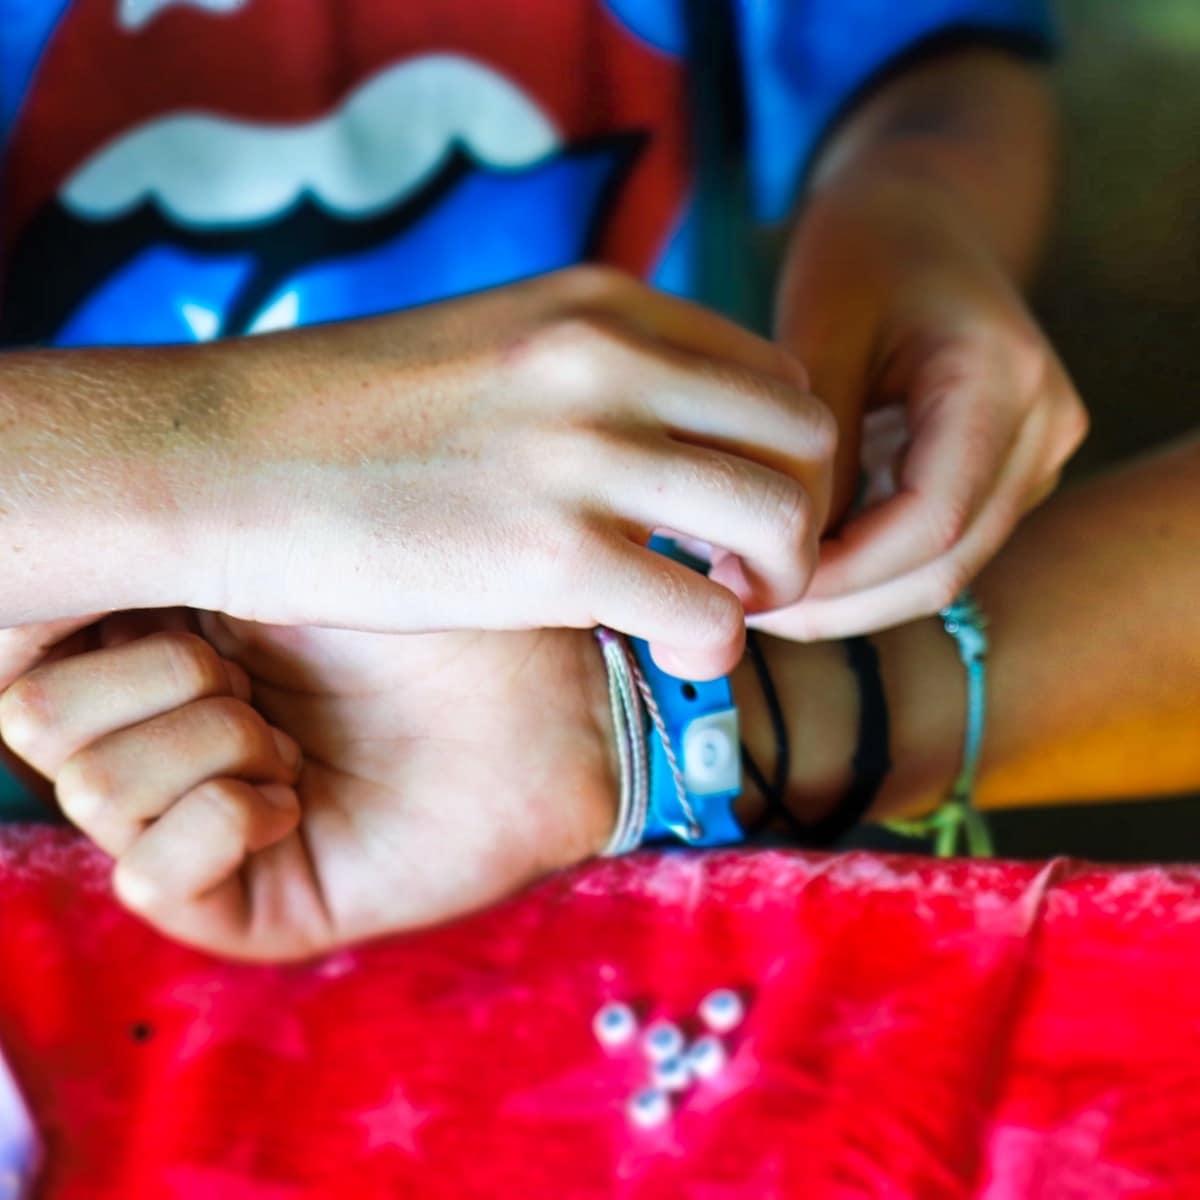 tying a friendship bracelet on a wrist